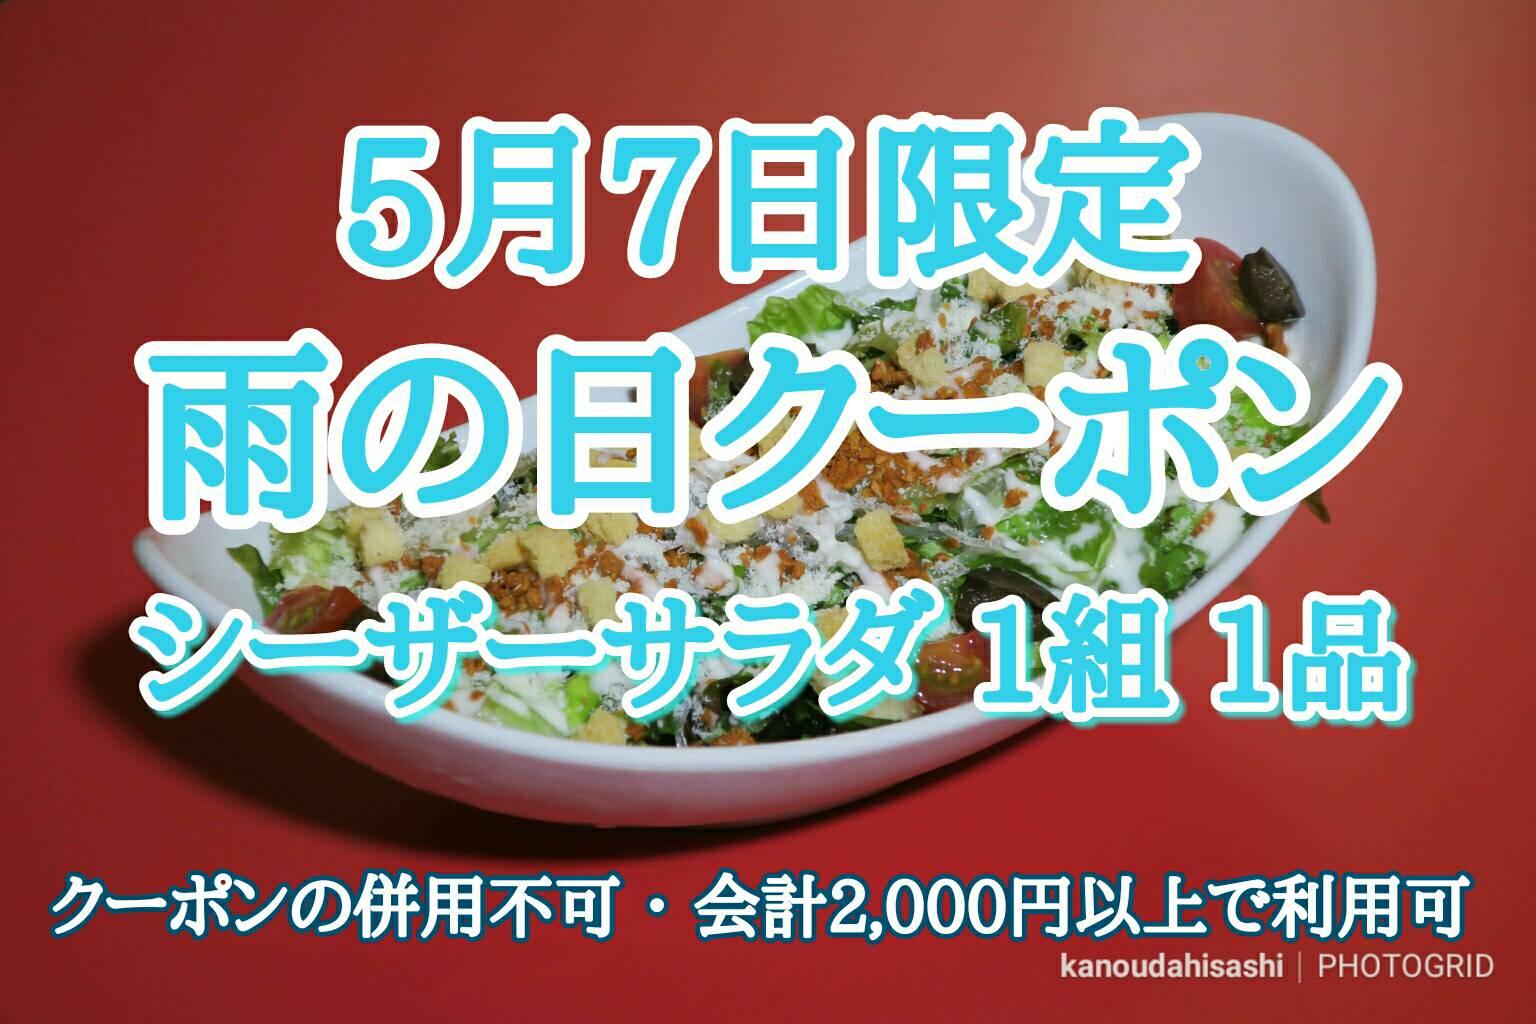 5月7日限定 『シーザーサラダ』 GET !page-visual 5月7日限定 『シーザーサラダ』 GET !ビジュアル